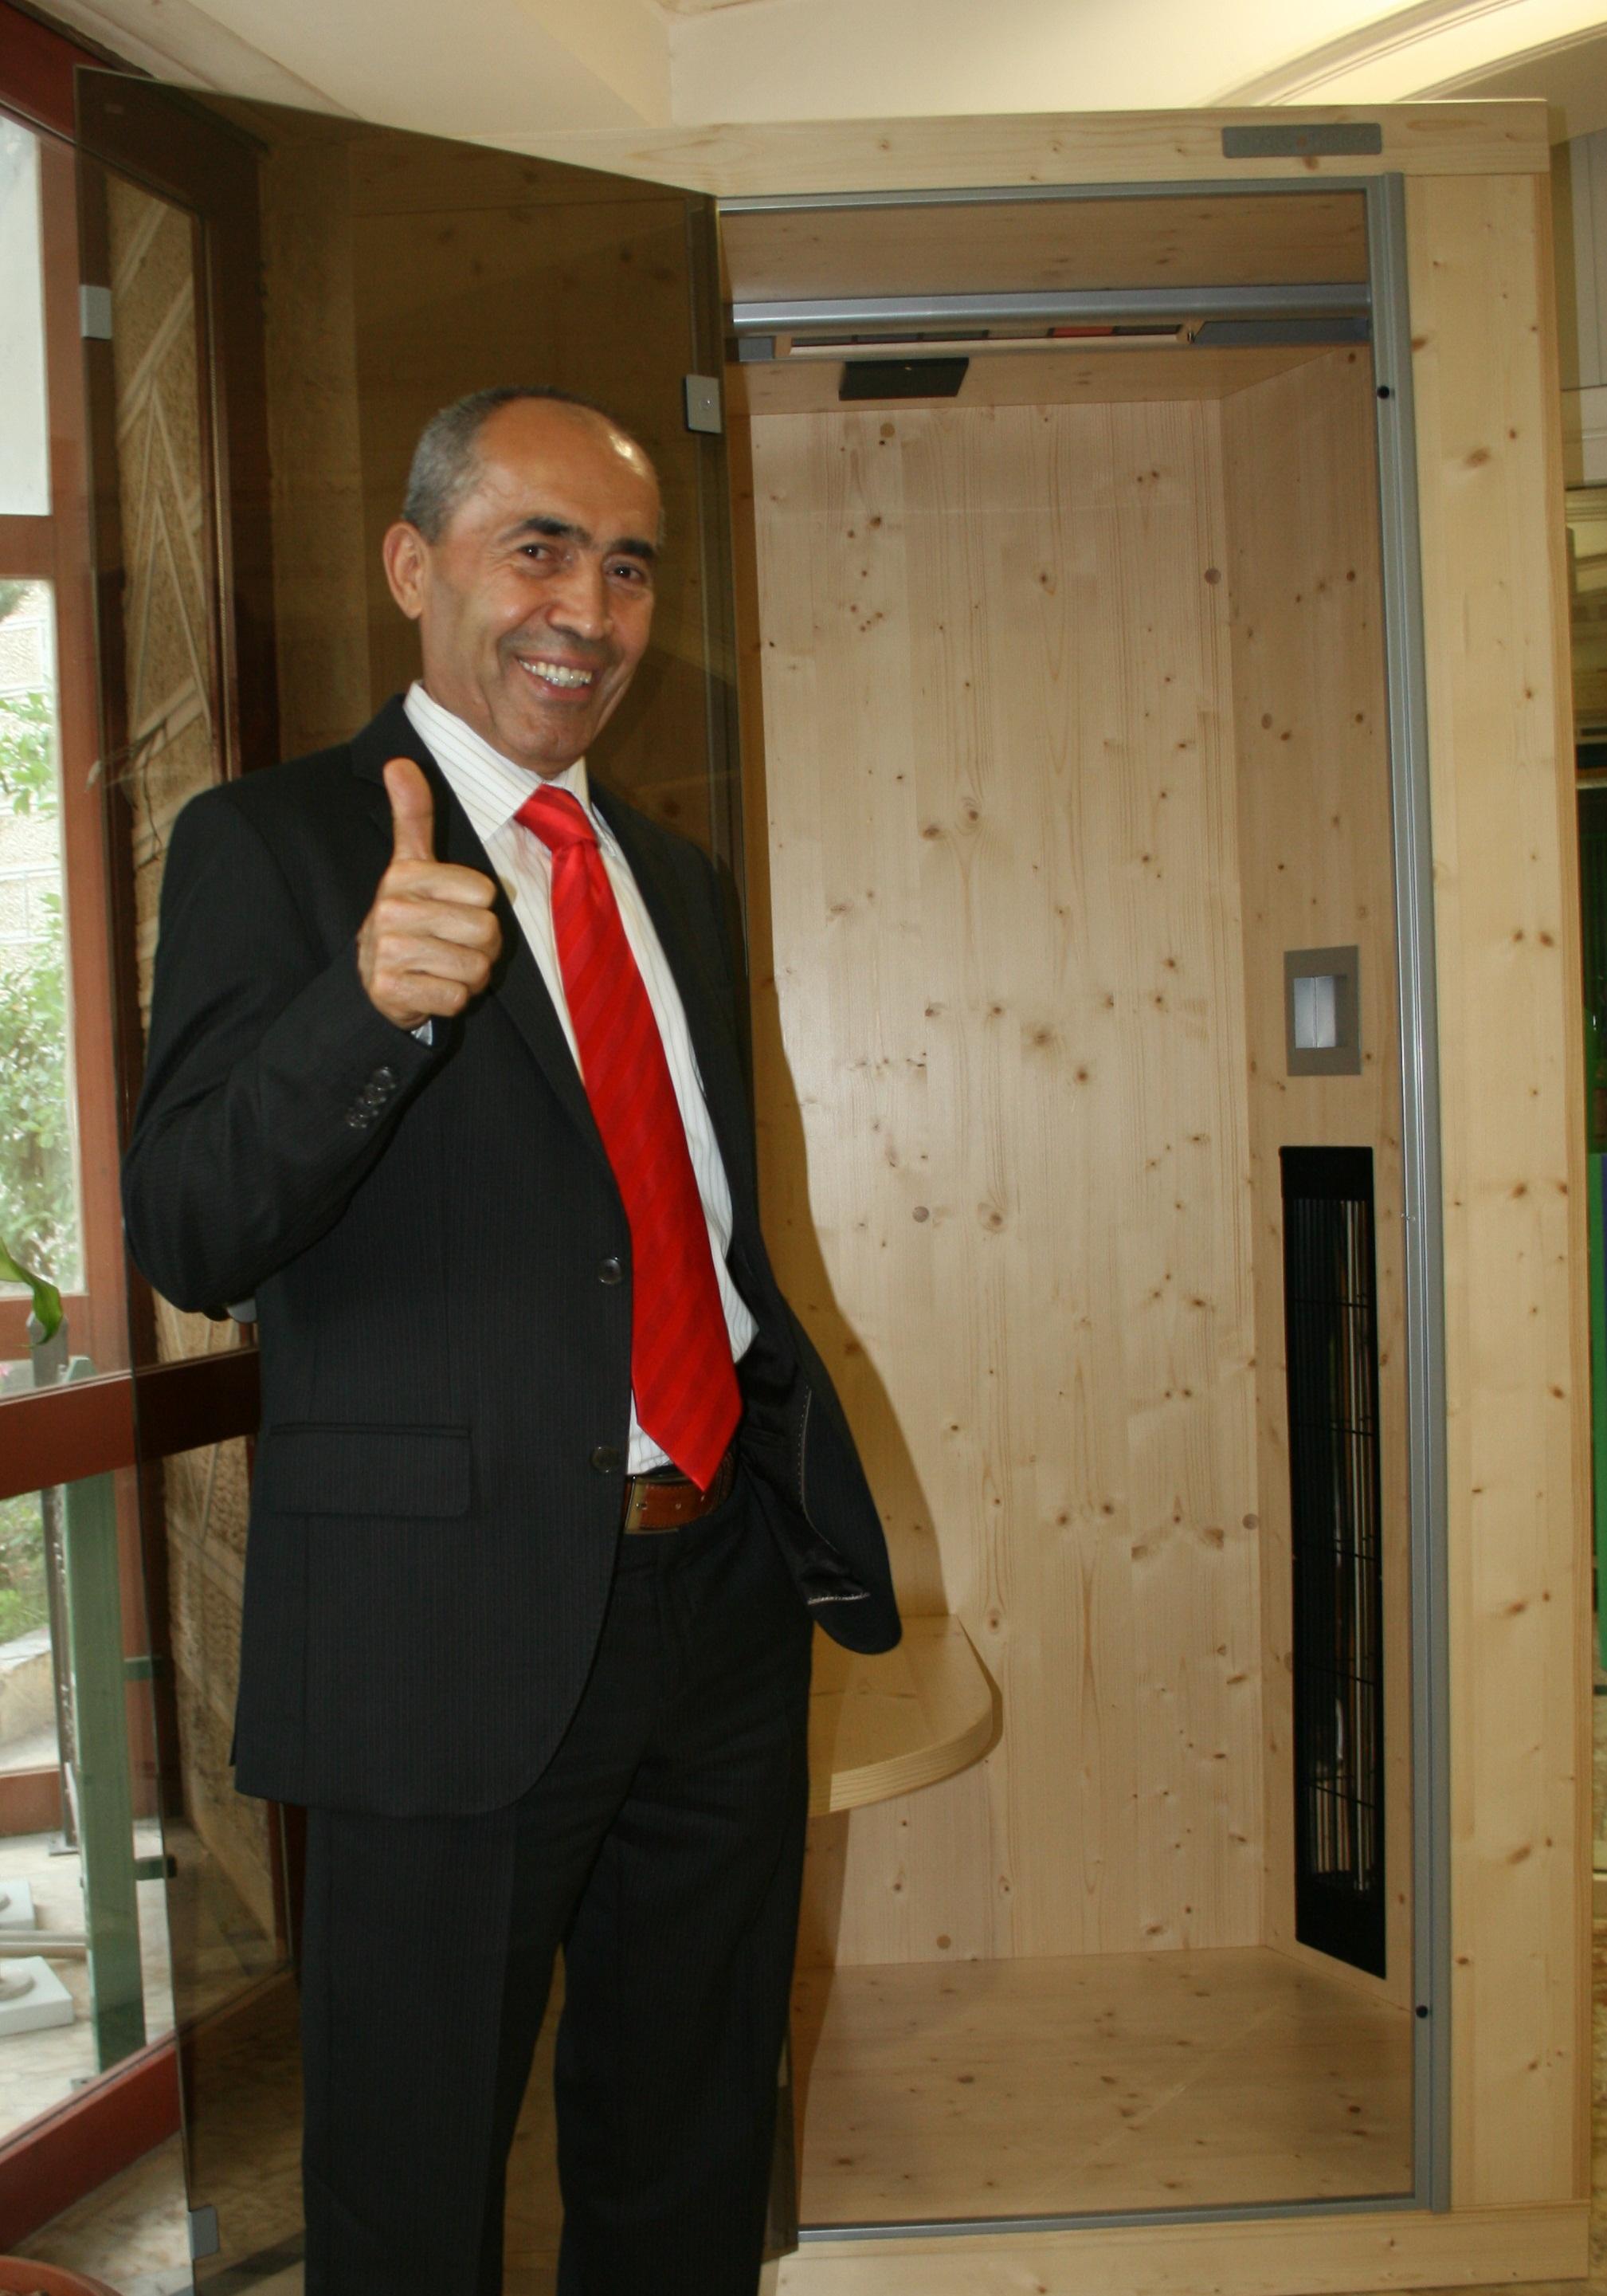 Ali Bidi